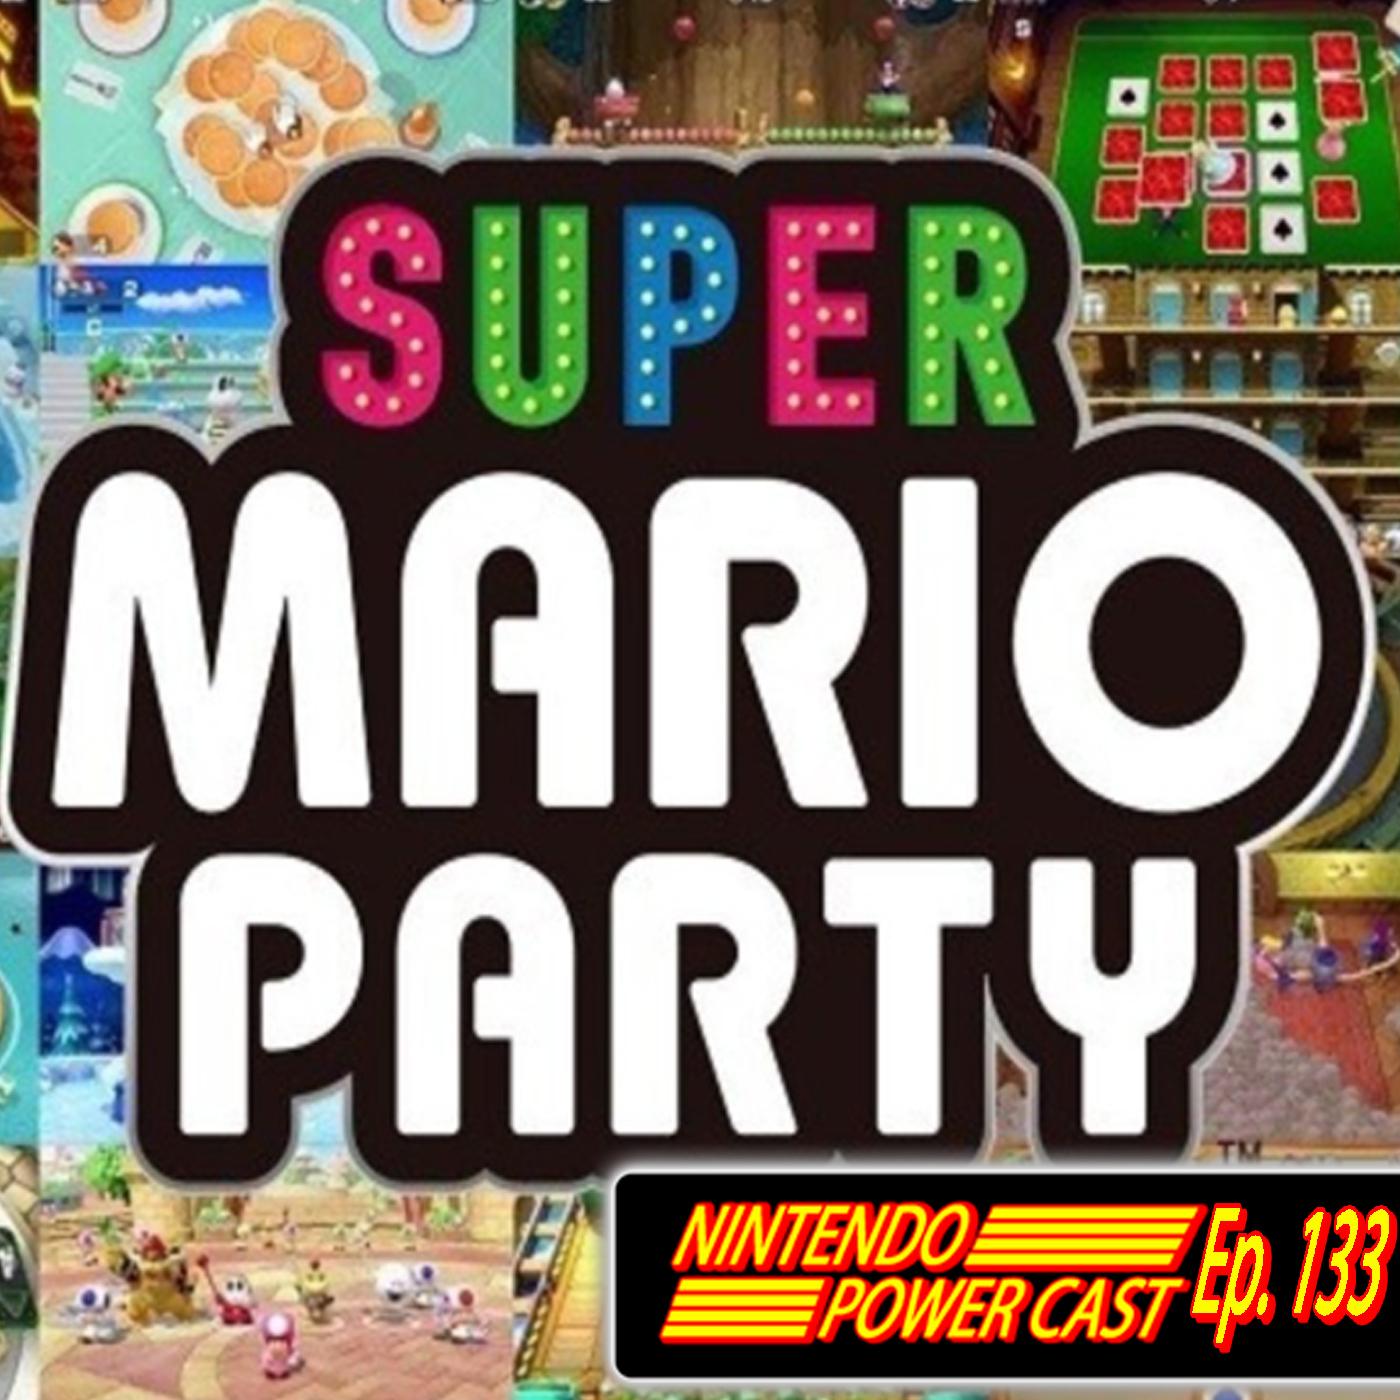 Nintendo Power Cast - Nintendo Podcast - Super Mario Party, Fortnite